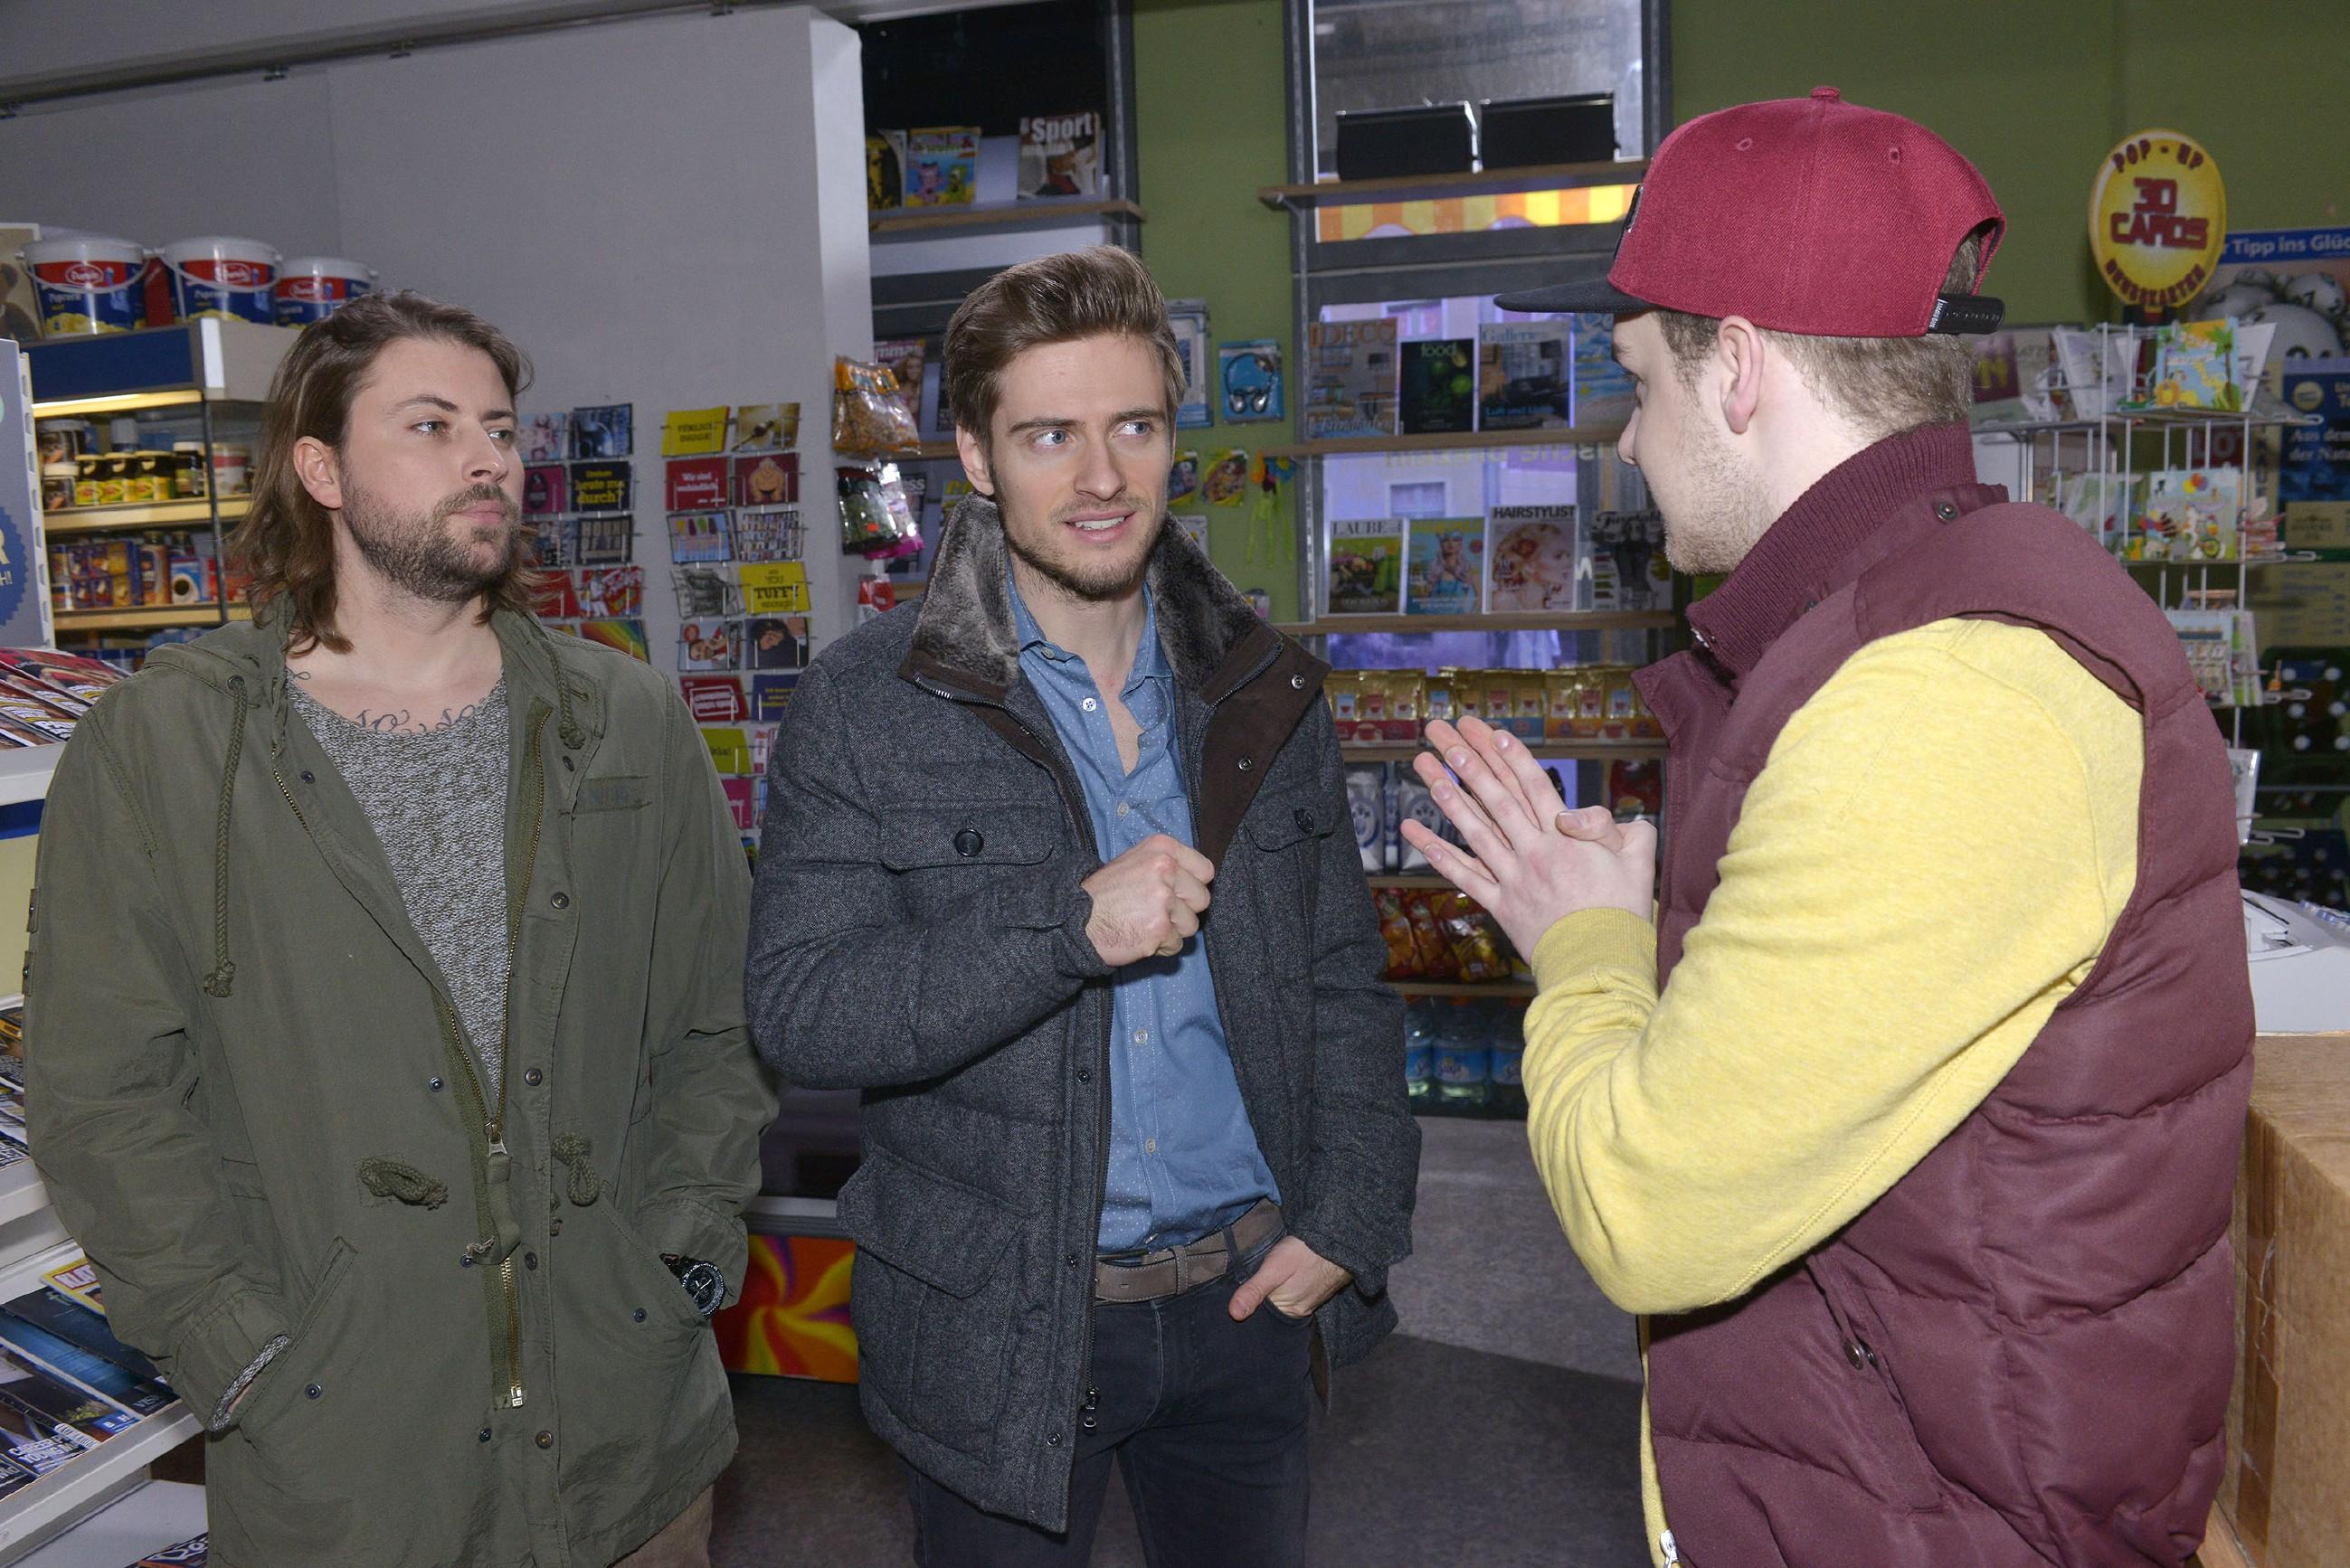 Jonas (Felix van Deventer, r.) sieht Licht am Horizont, als sich Philip (Jörn Schlönvoigt, M.) und John (Felix von Jascheroff) für den Roller interessieren.